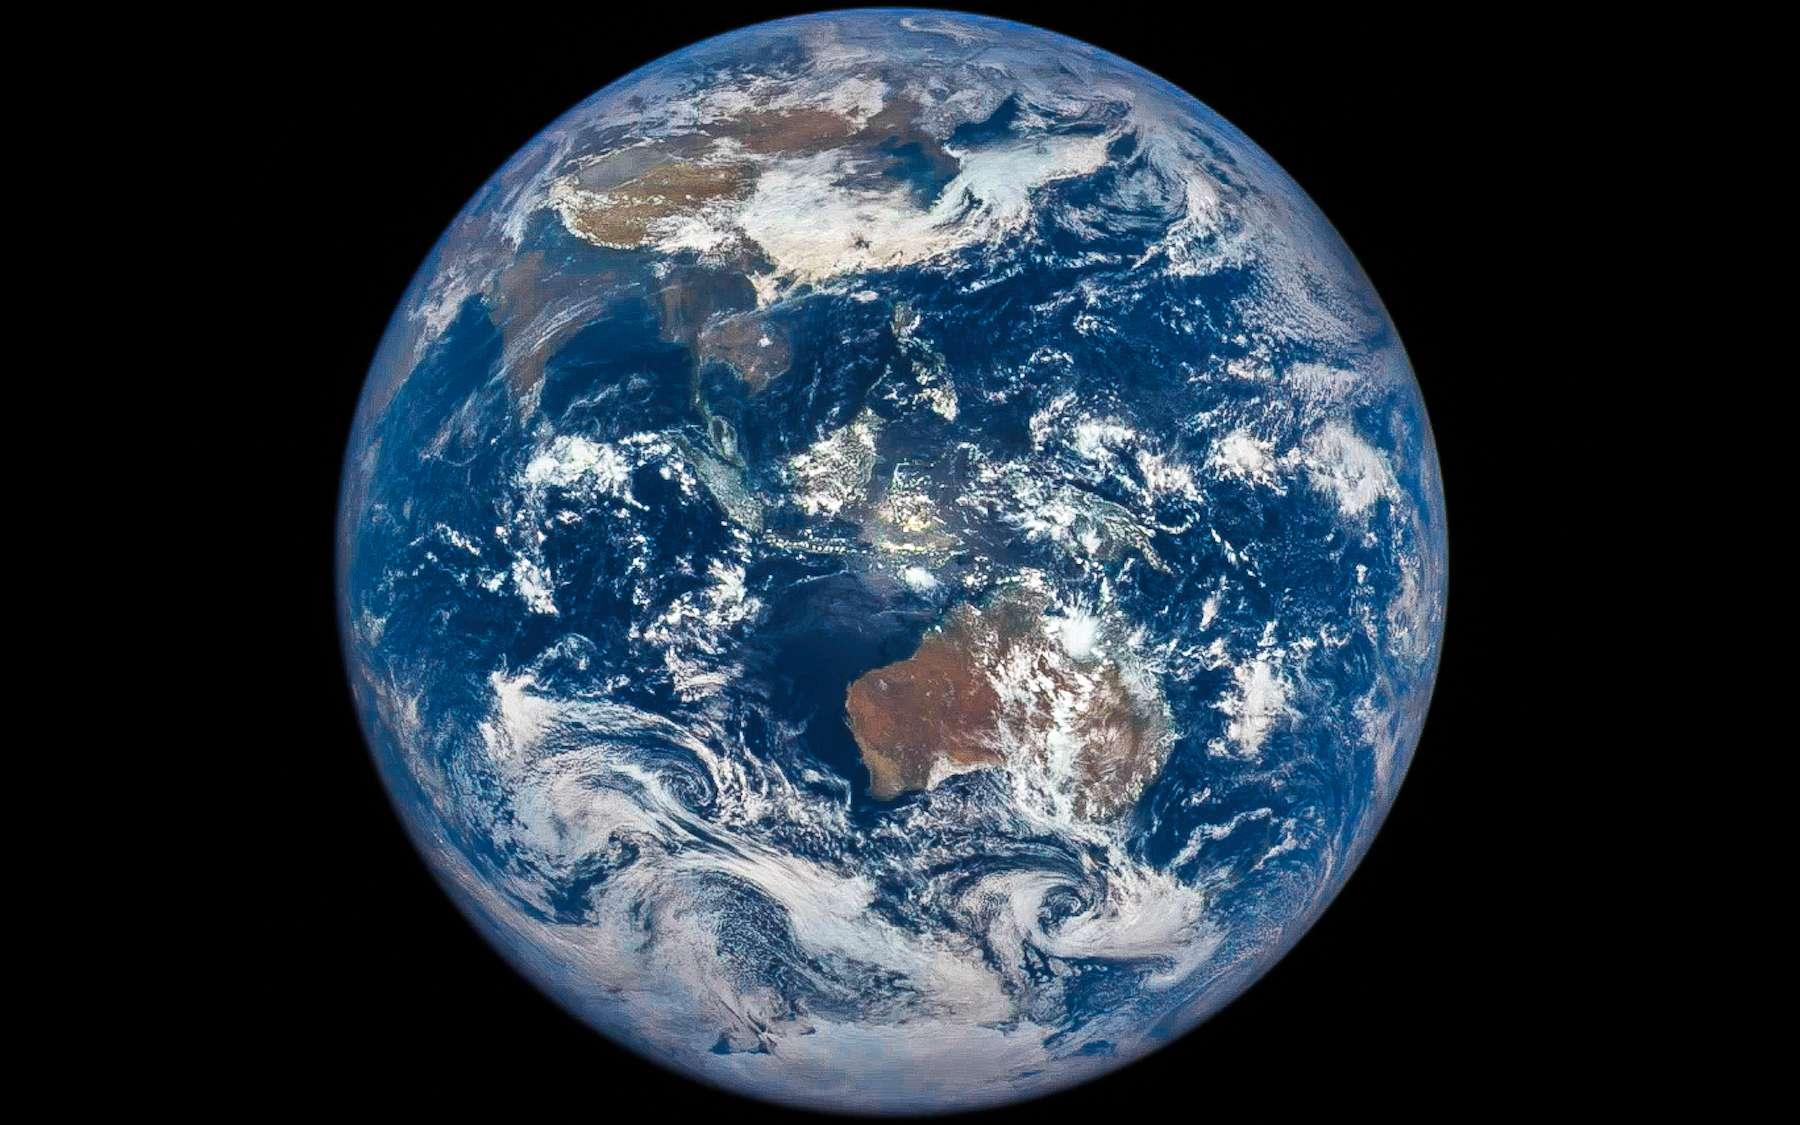 Les plus belles images de la Terre prises par la Nasa. © Nasa Earth Observatory